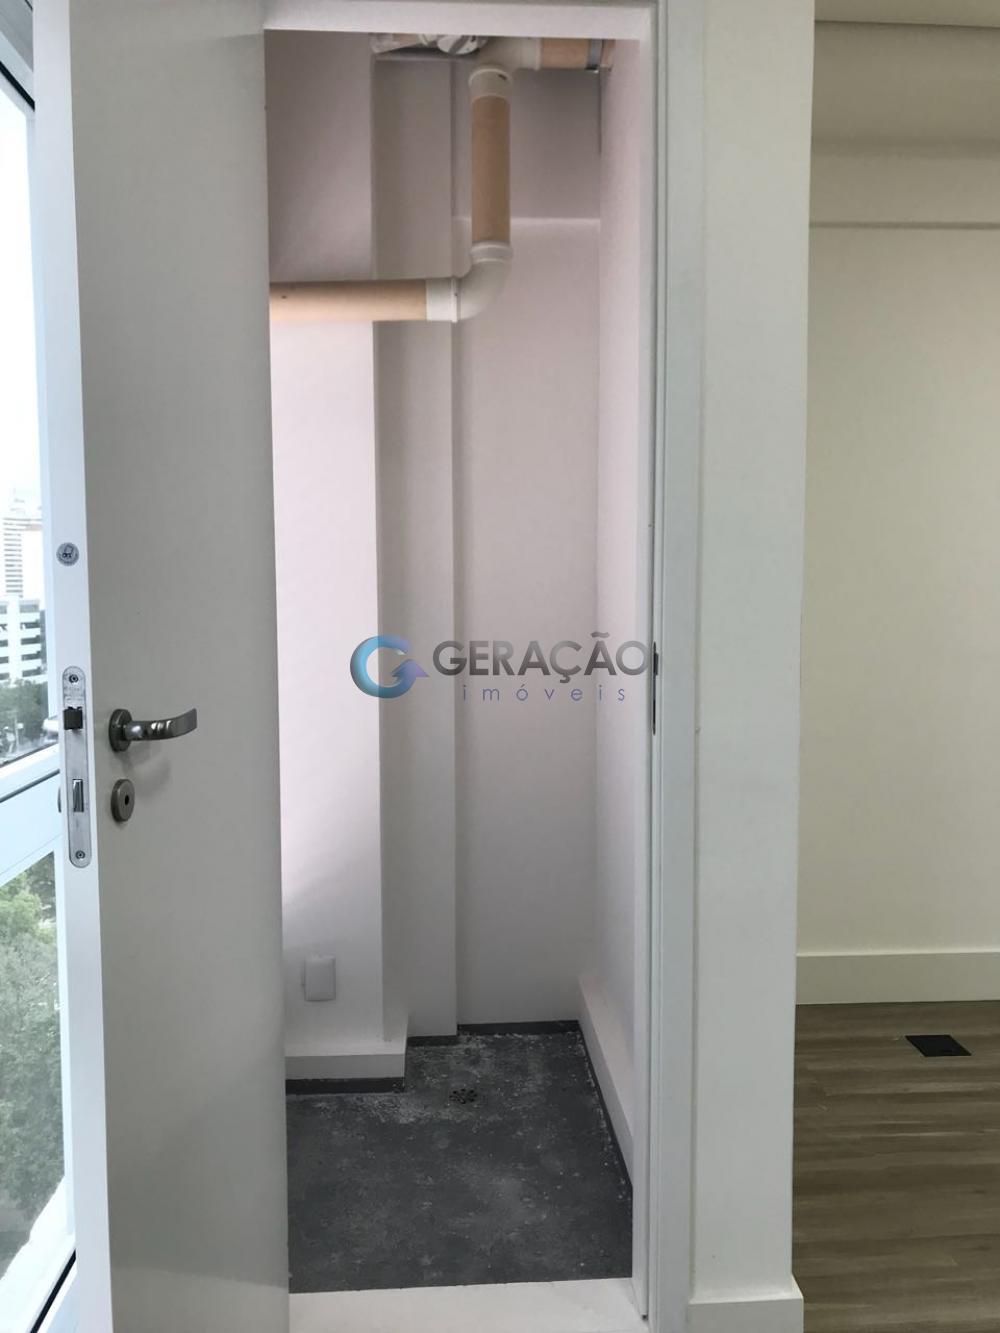 Alugar Comercial / Sala em Condomínio em São José dos Campos apenas R$ 1.350,00 - Foto 5